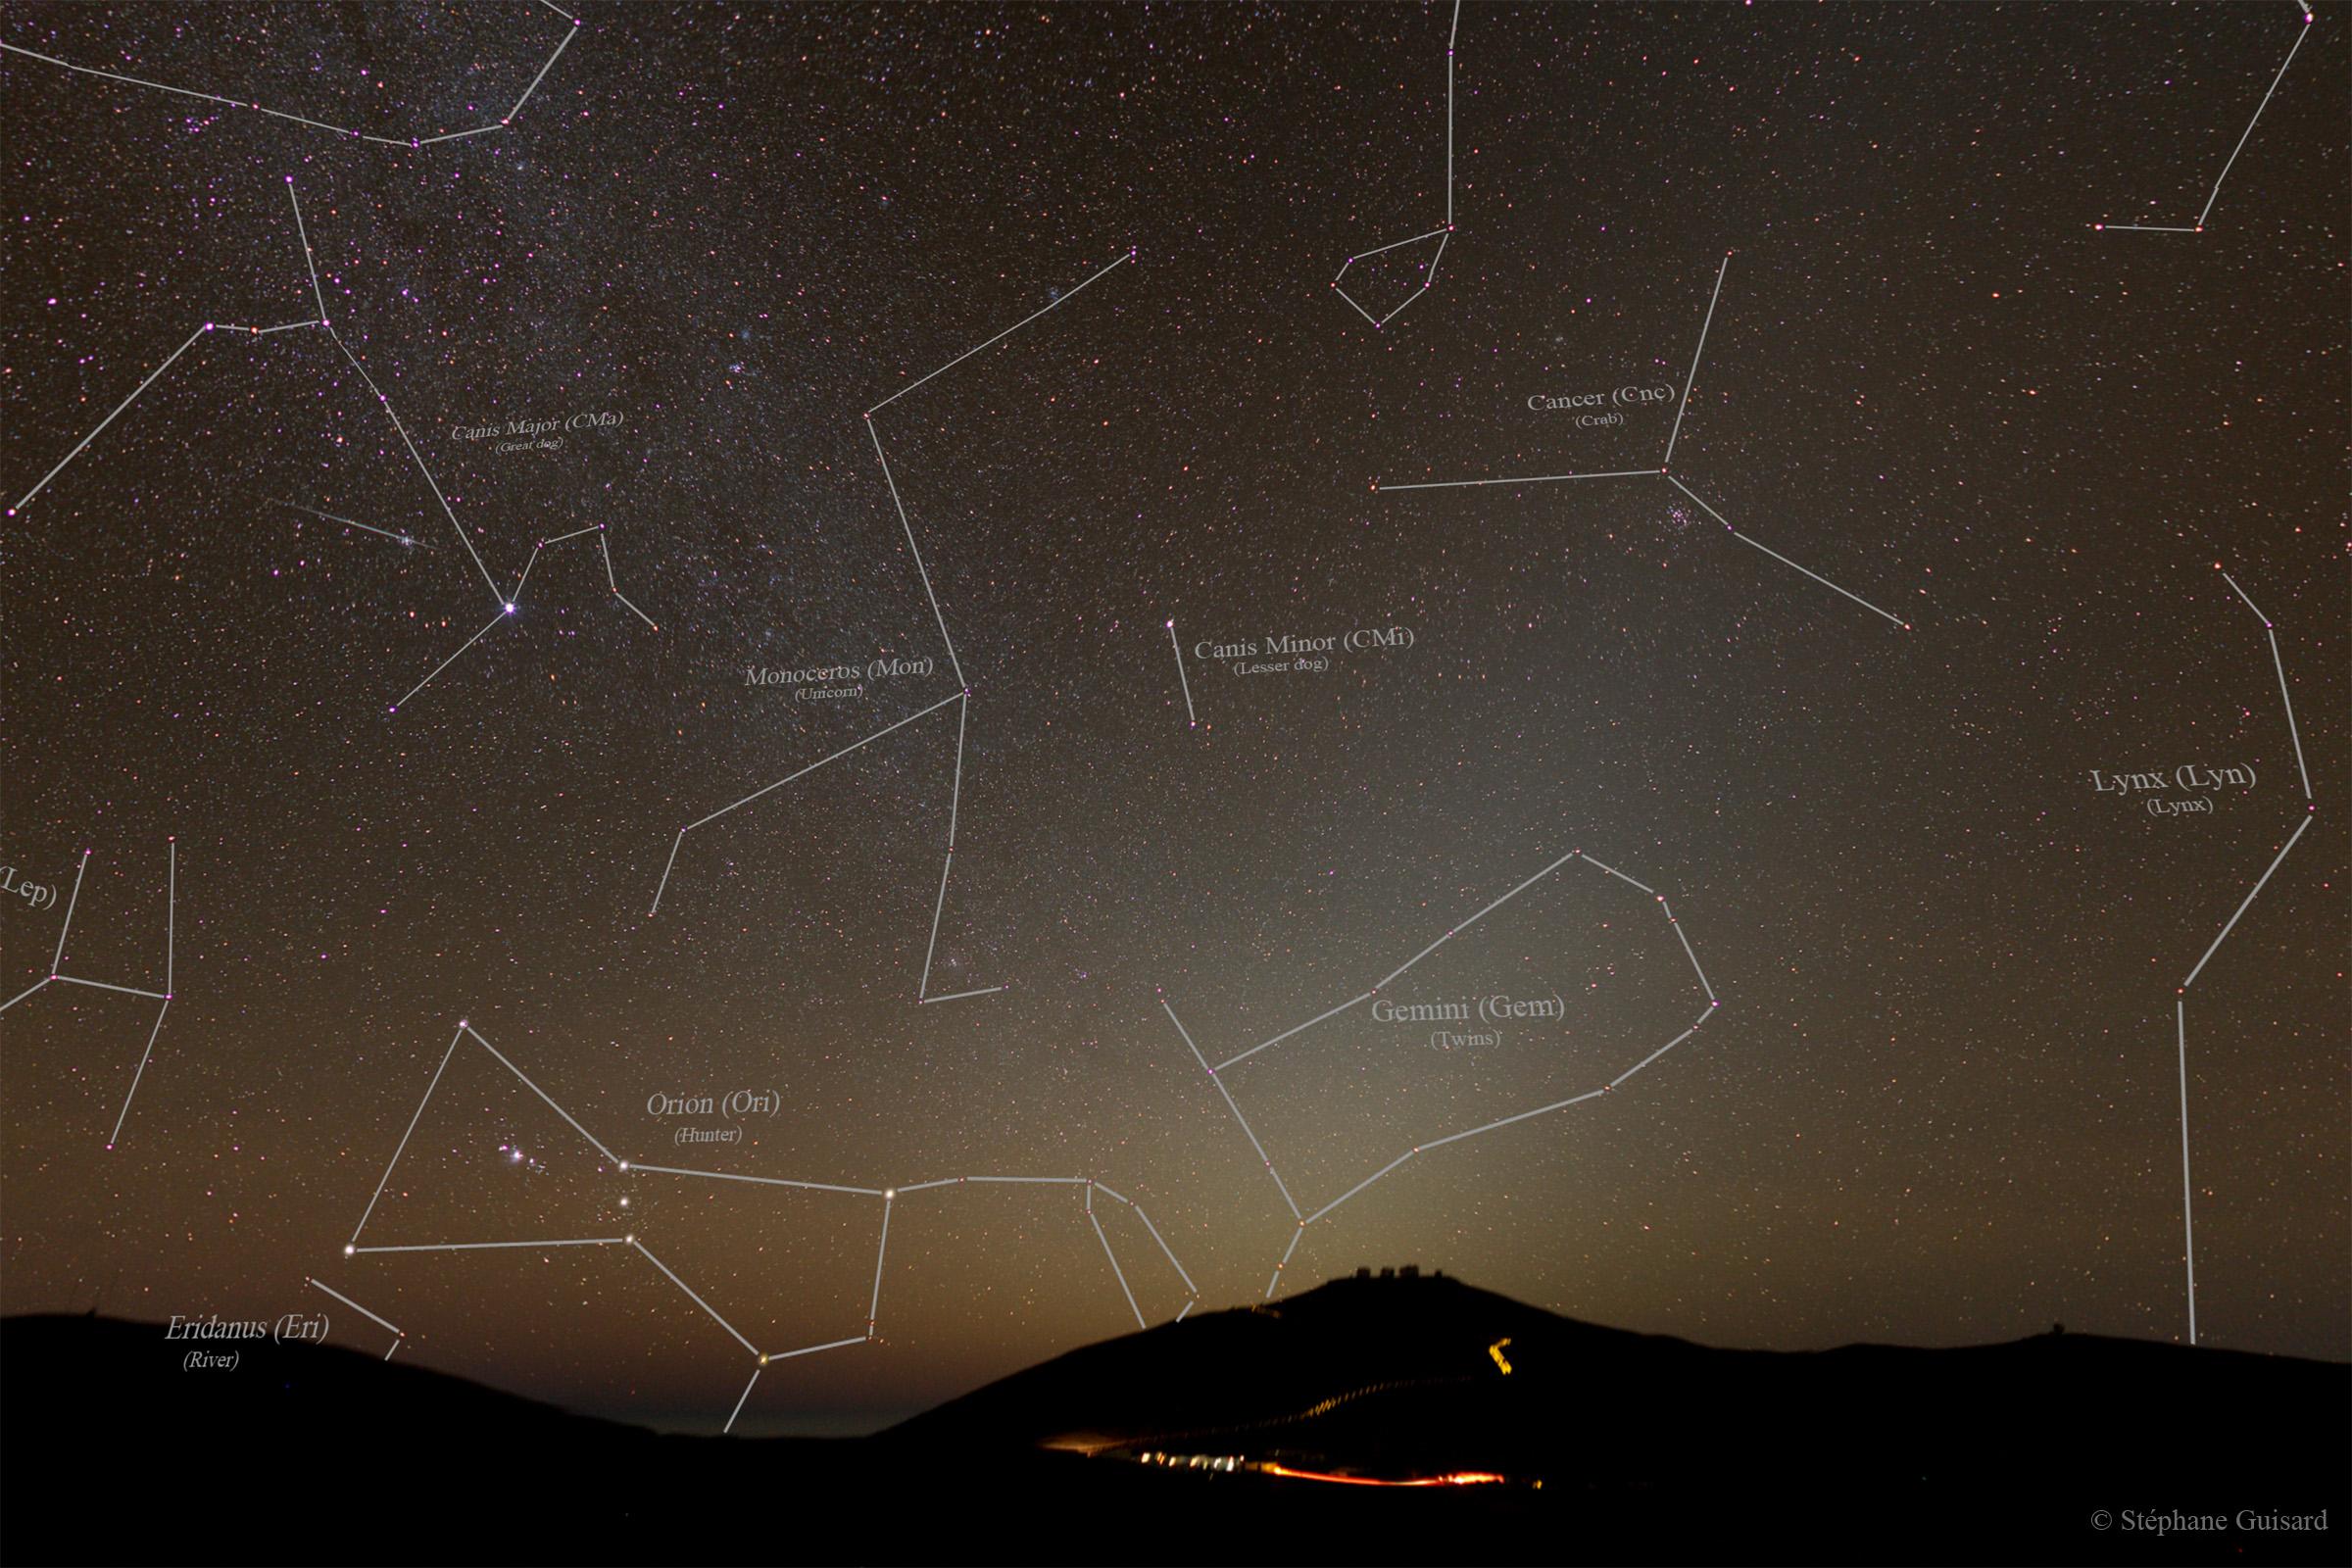 https://i0.wp.com/sguisard.astrosurf.com/Anim-astro/Paranal-ZL-MW/SGU-Paranal-Zodiacal_Light-MW-West-const-names-M-cp10.jpg